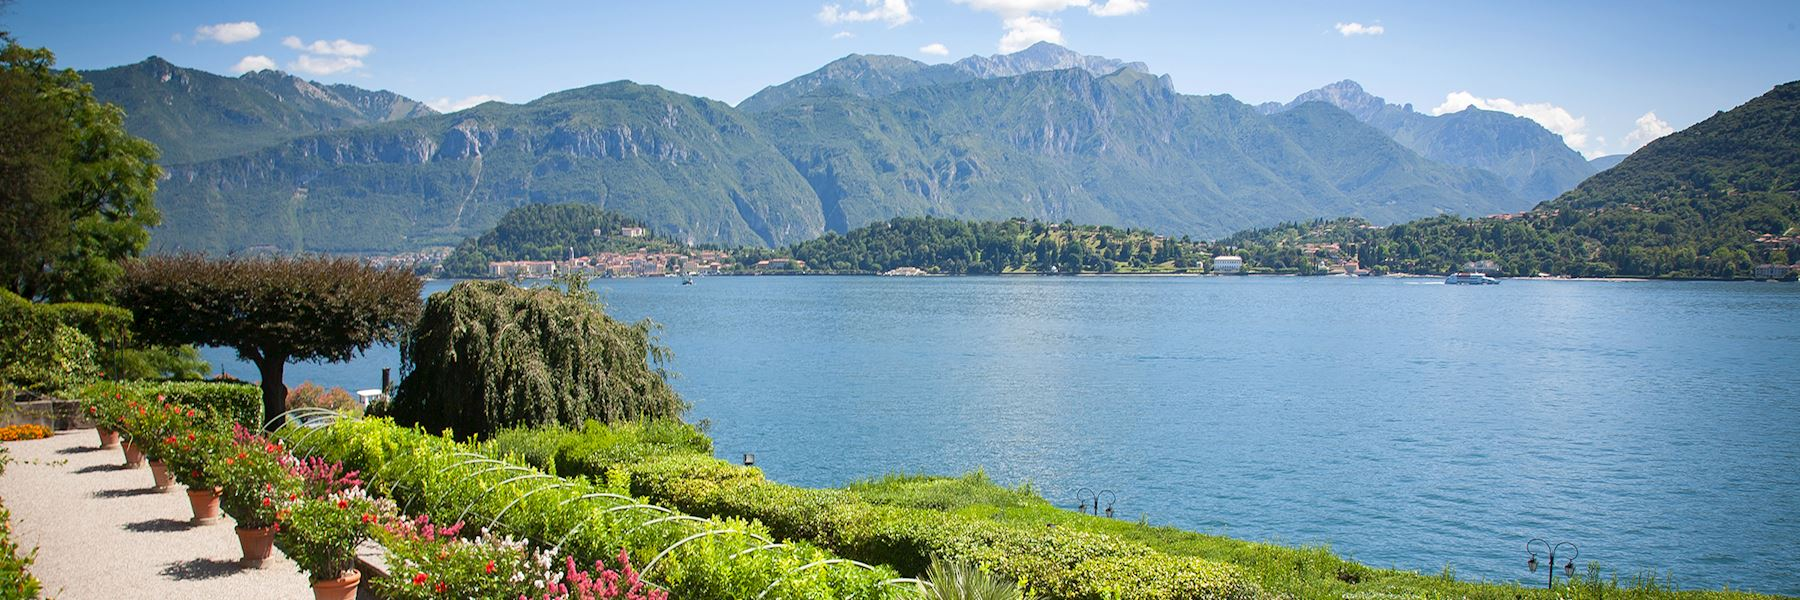 Italian Lakes holidays  2019 & 2020